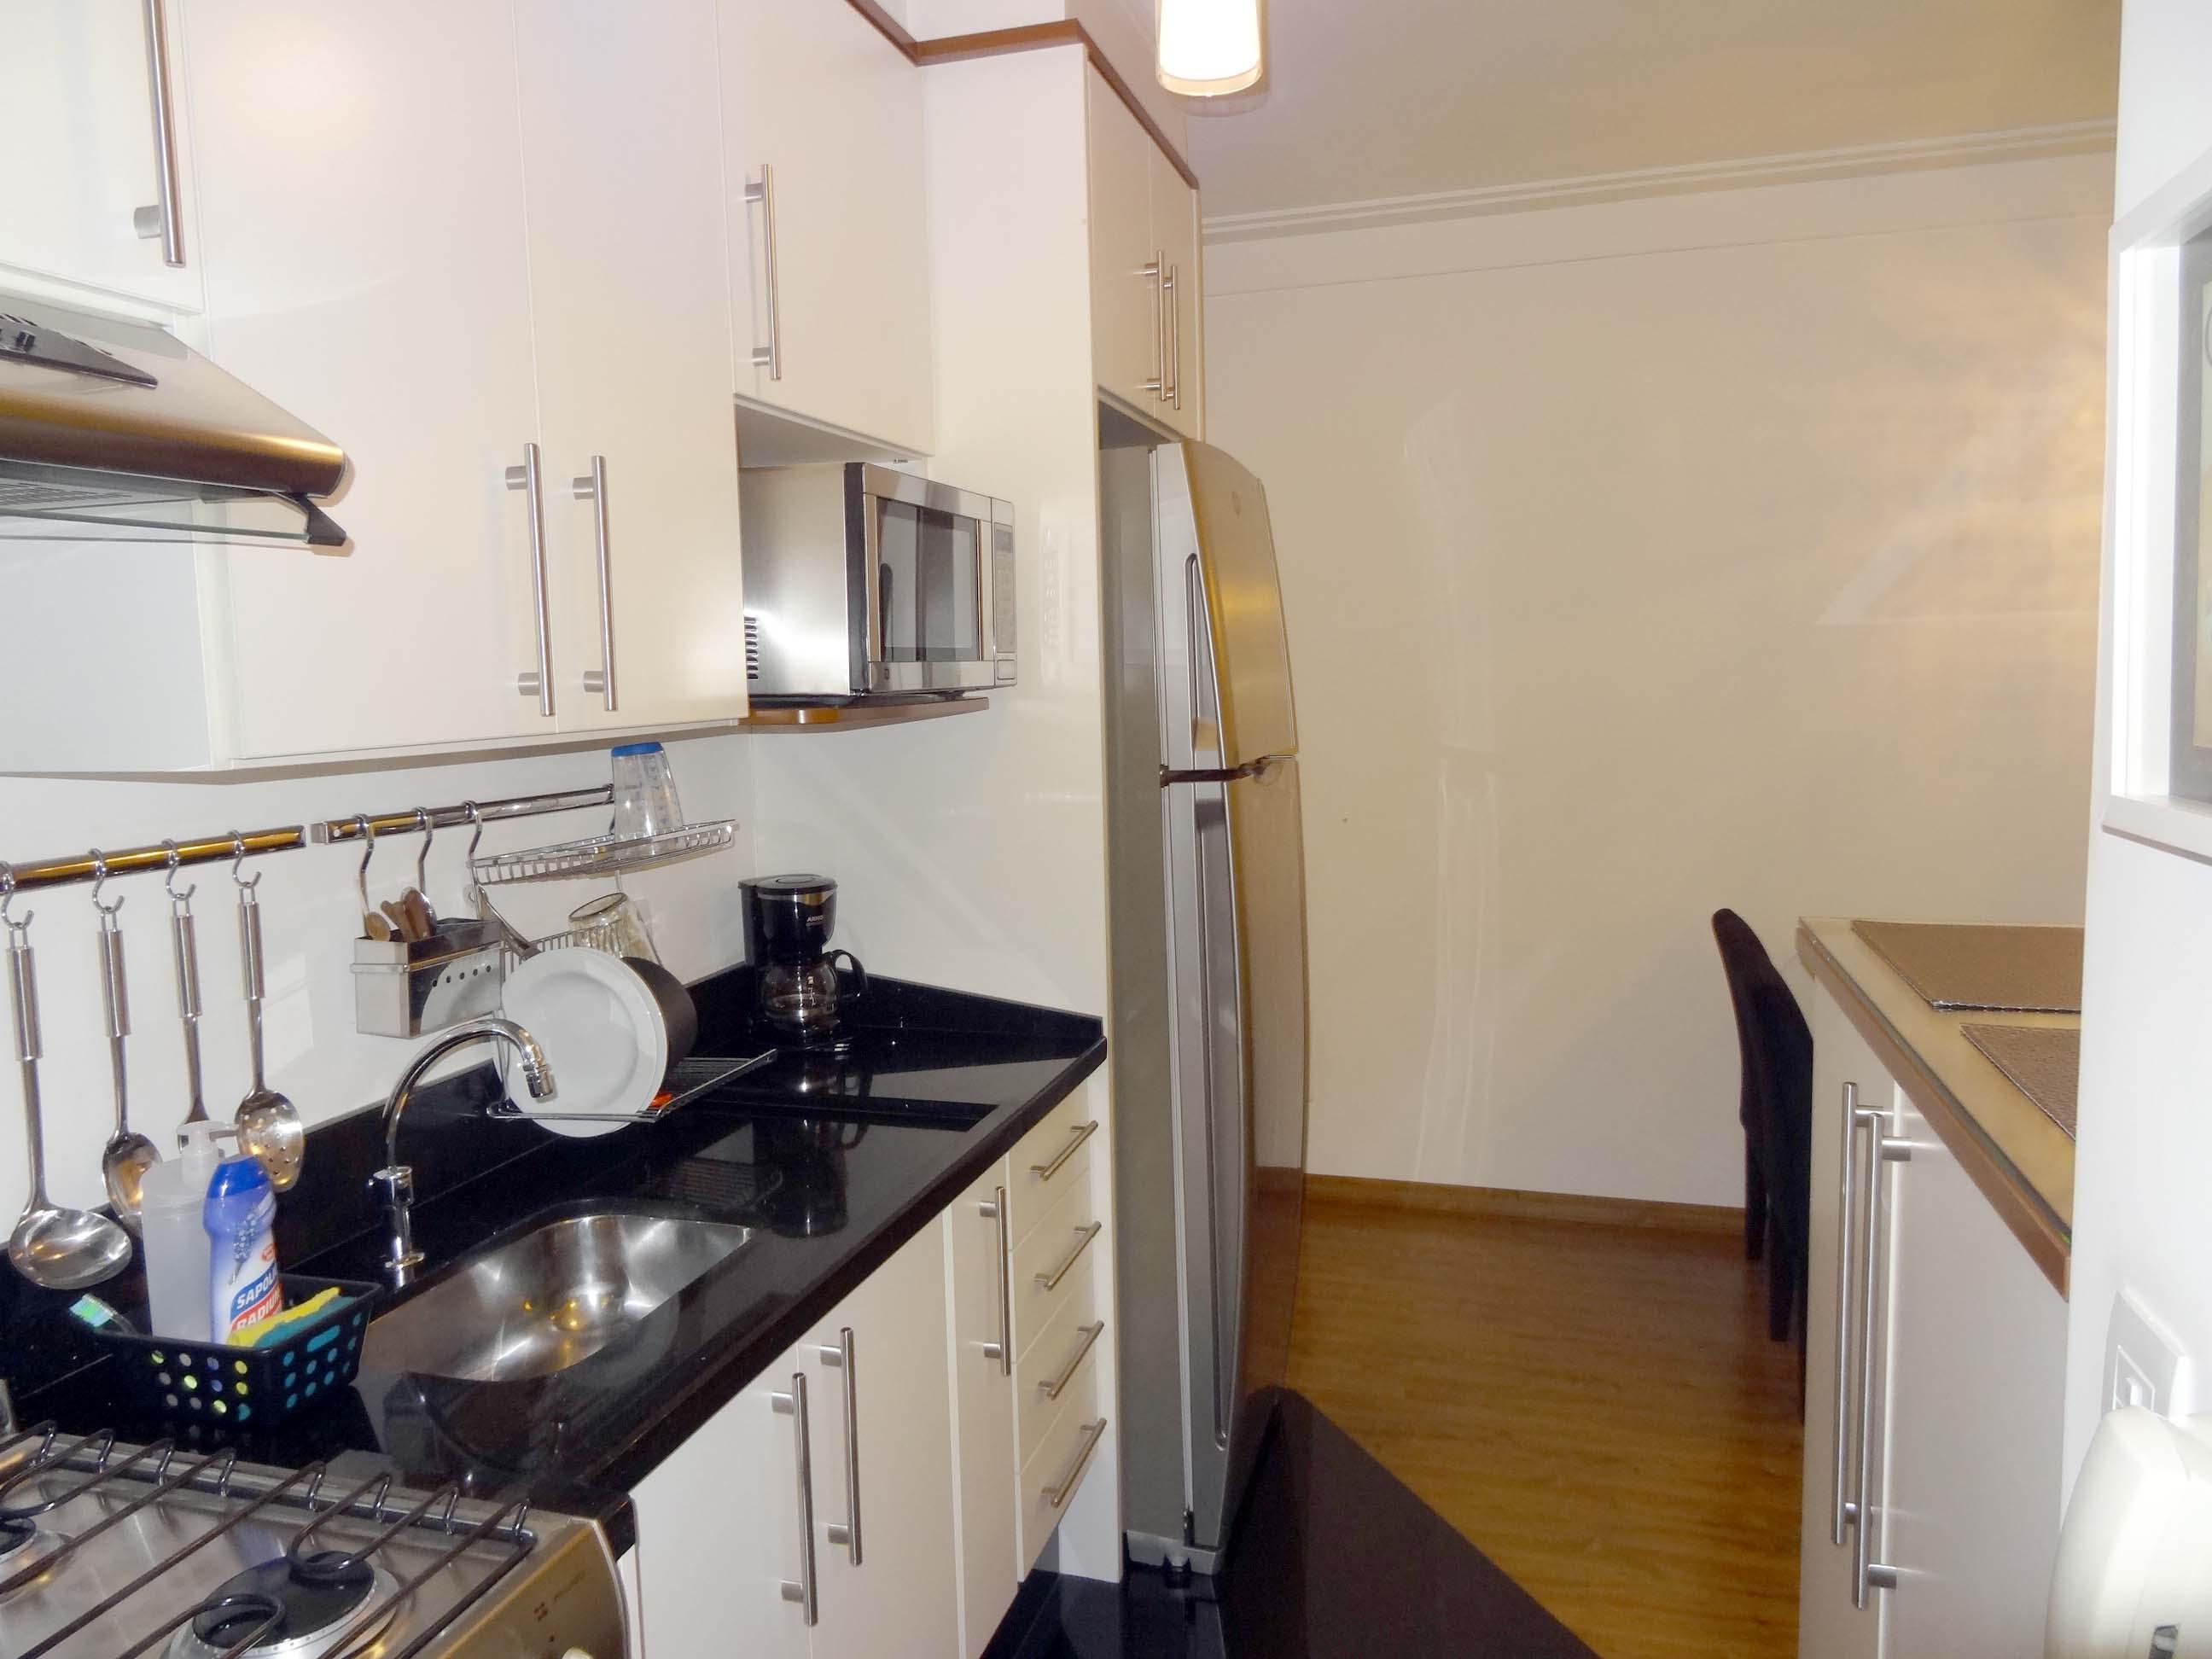 Cozinha Americana Apartamento Pequeno Granito Cozinha Americana Une